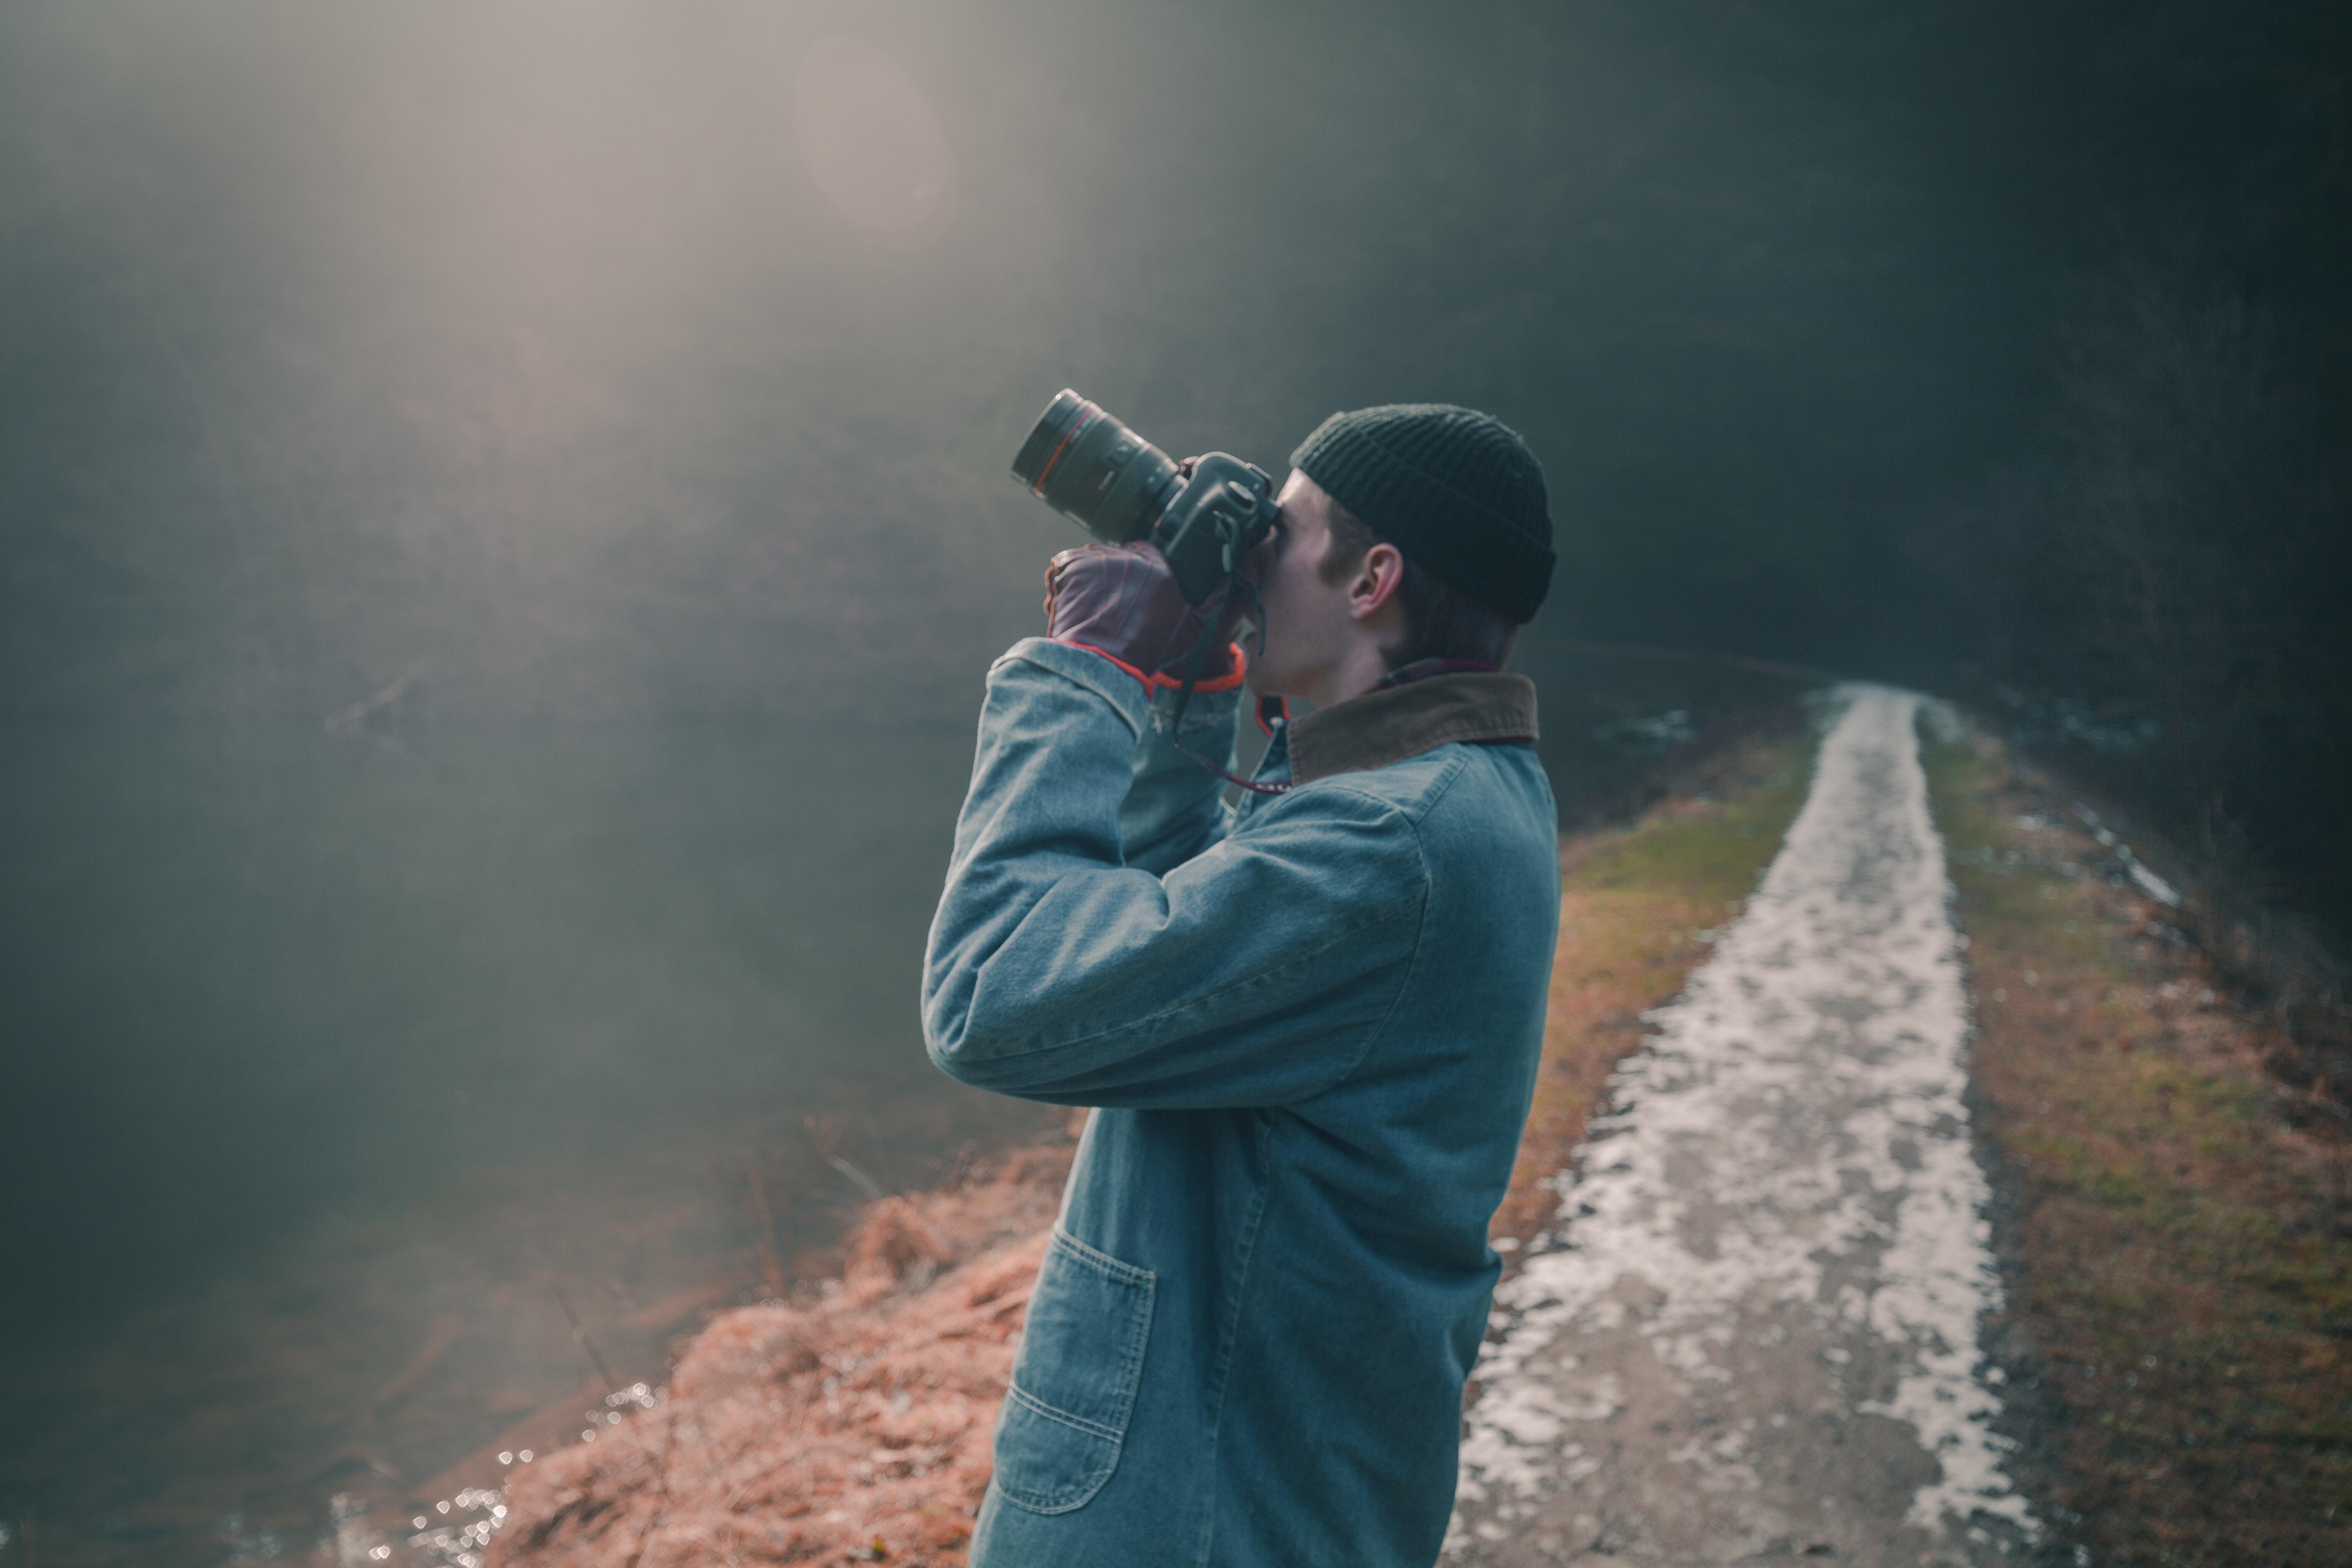 Fotografo de paisajes